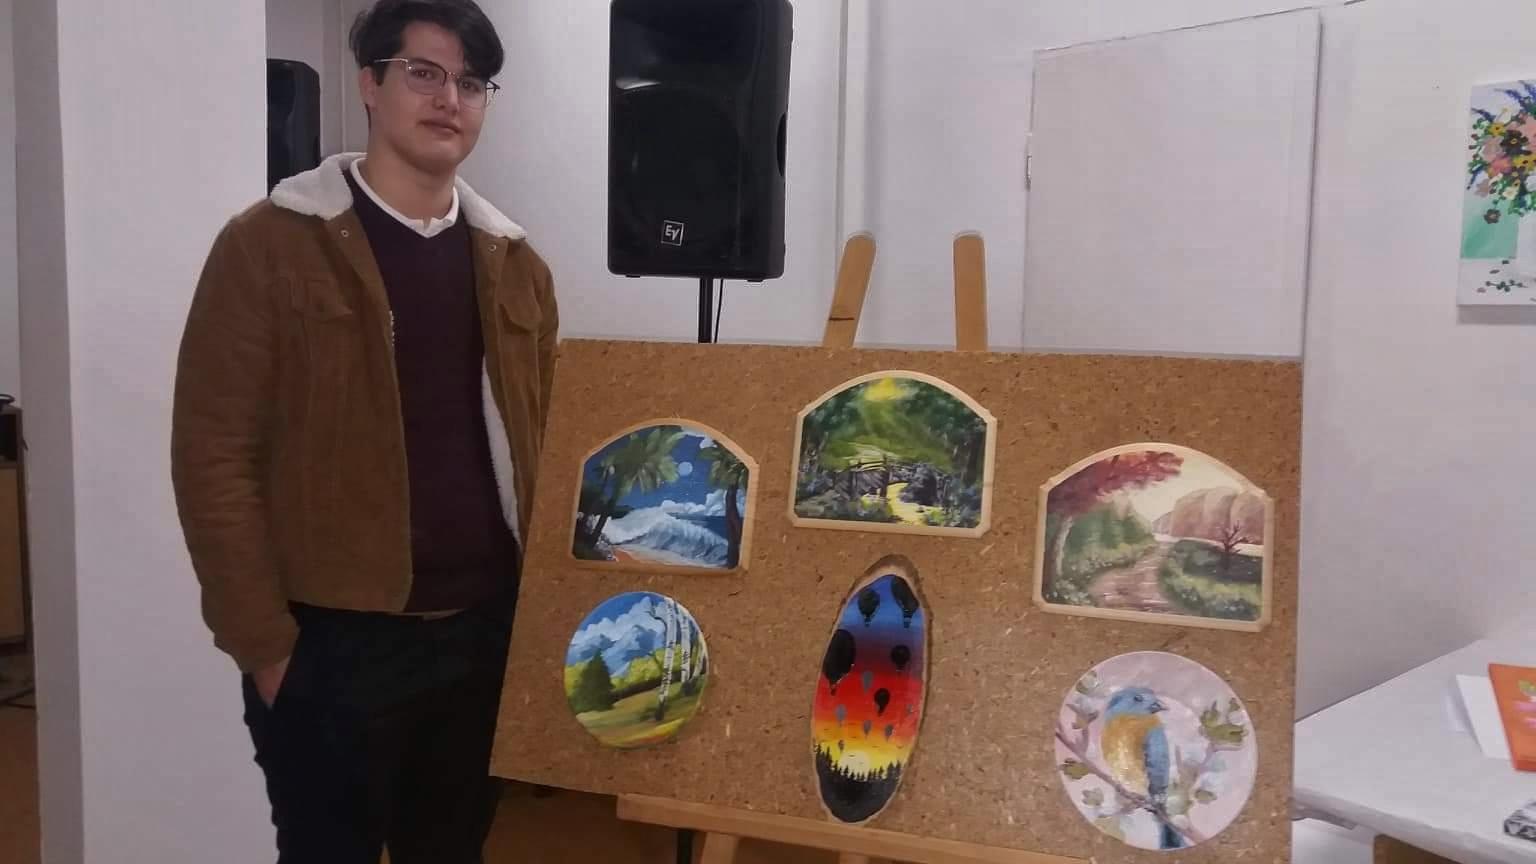 BENIAMIN ARDELEAN DIN SÂN-MIHAI:  Pasionat de artele plastice